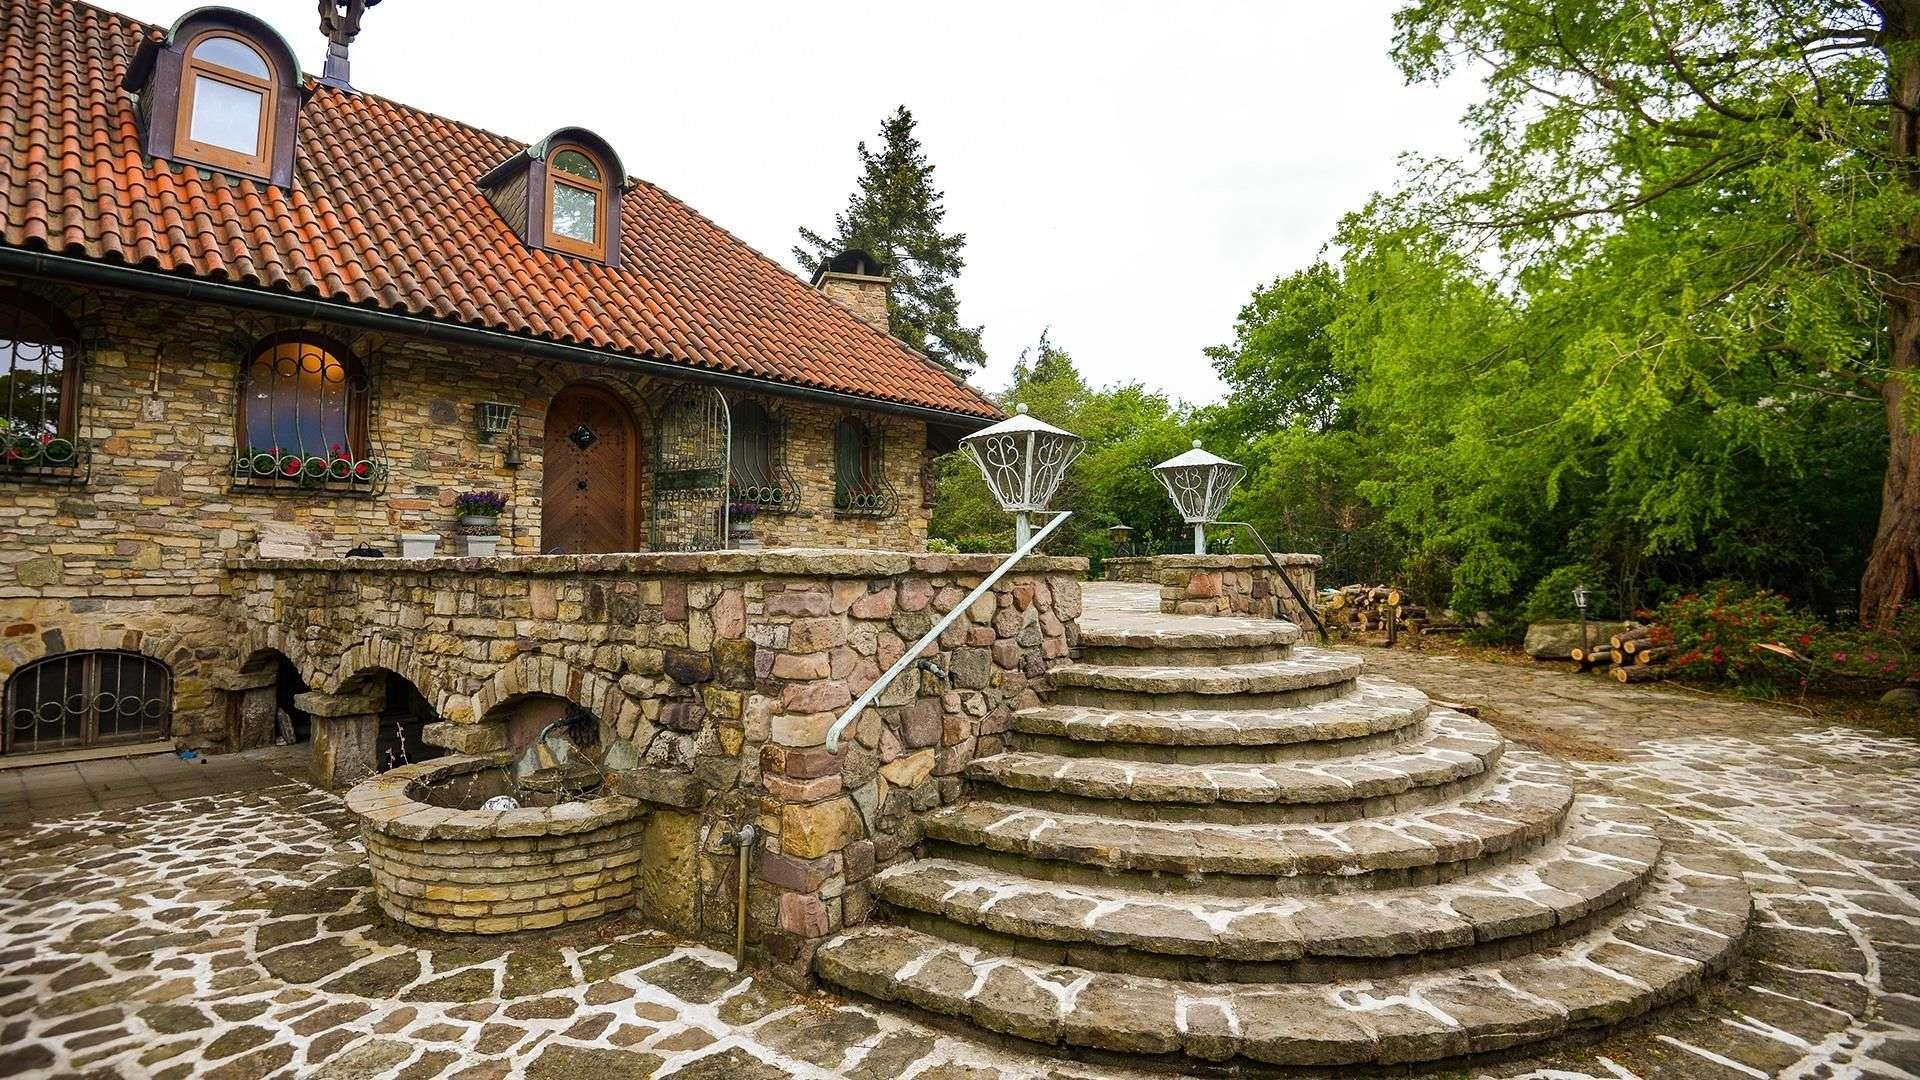 Steinhaus mit breitem Treppenaufgang auf Stein